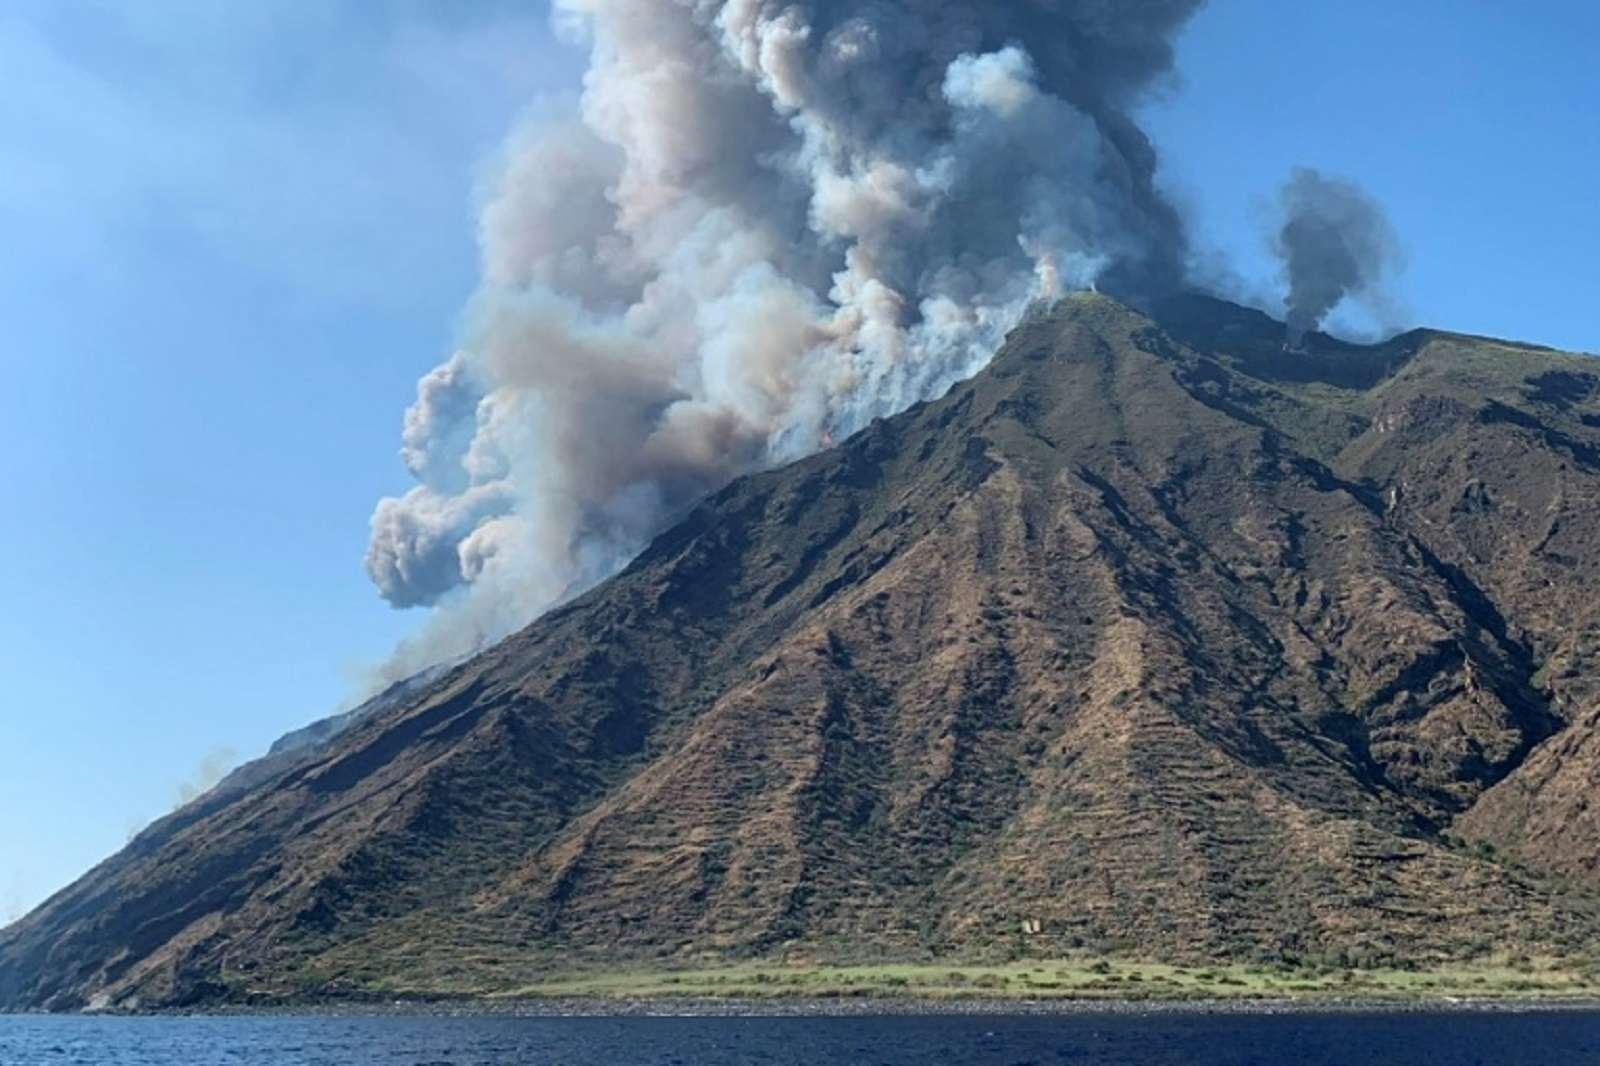 Photo publiée sur le compte Twitter de @mariocalabresi montrant l'éruption du Stromboli, le 3 juillet 2019 en Italie. © Mario Calabresi, Twitter account of @mariocalabresi, AFP